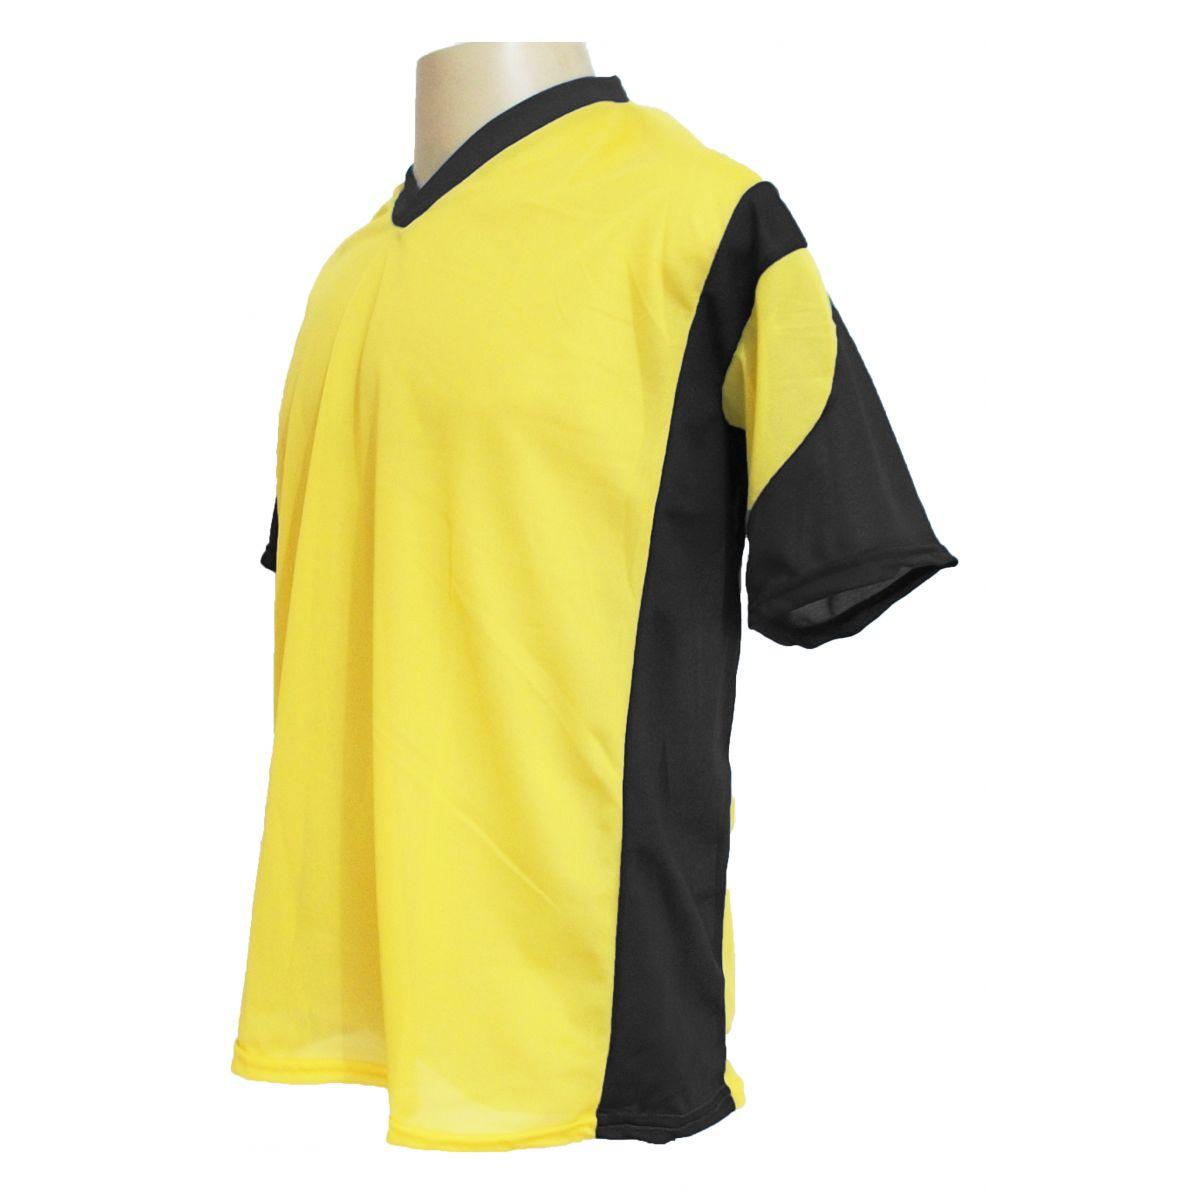 Jogo de Camisa Promocional com 12 Peças Numeradas Modelo Attack Amarelo/Preto